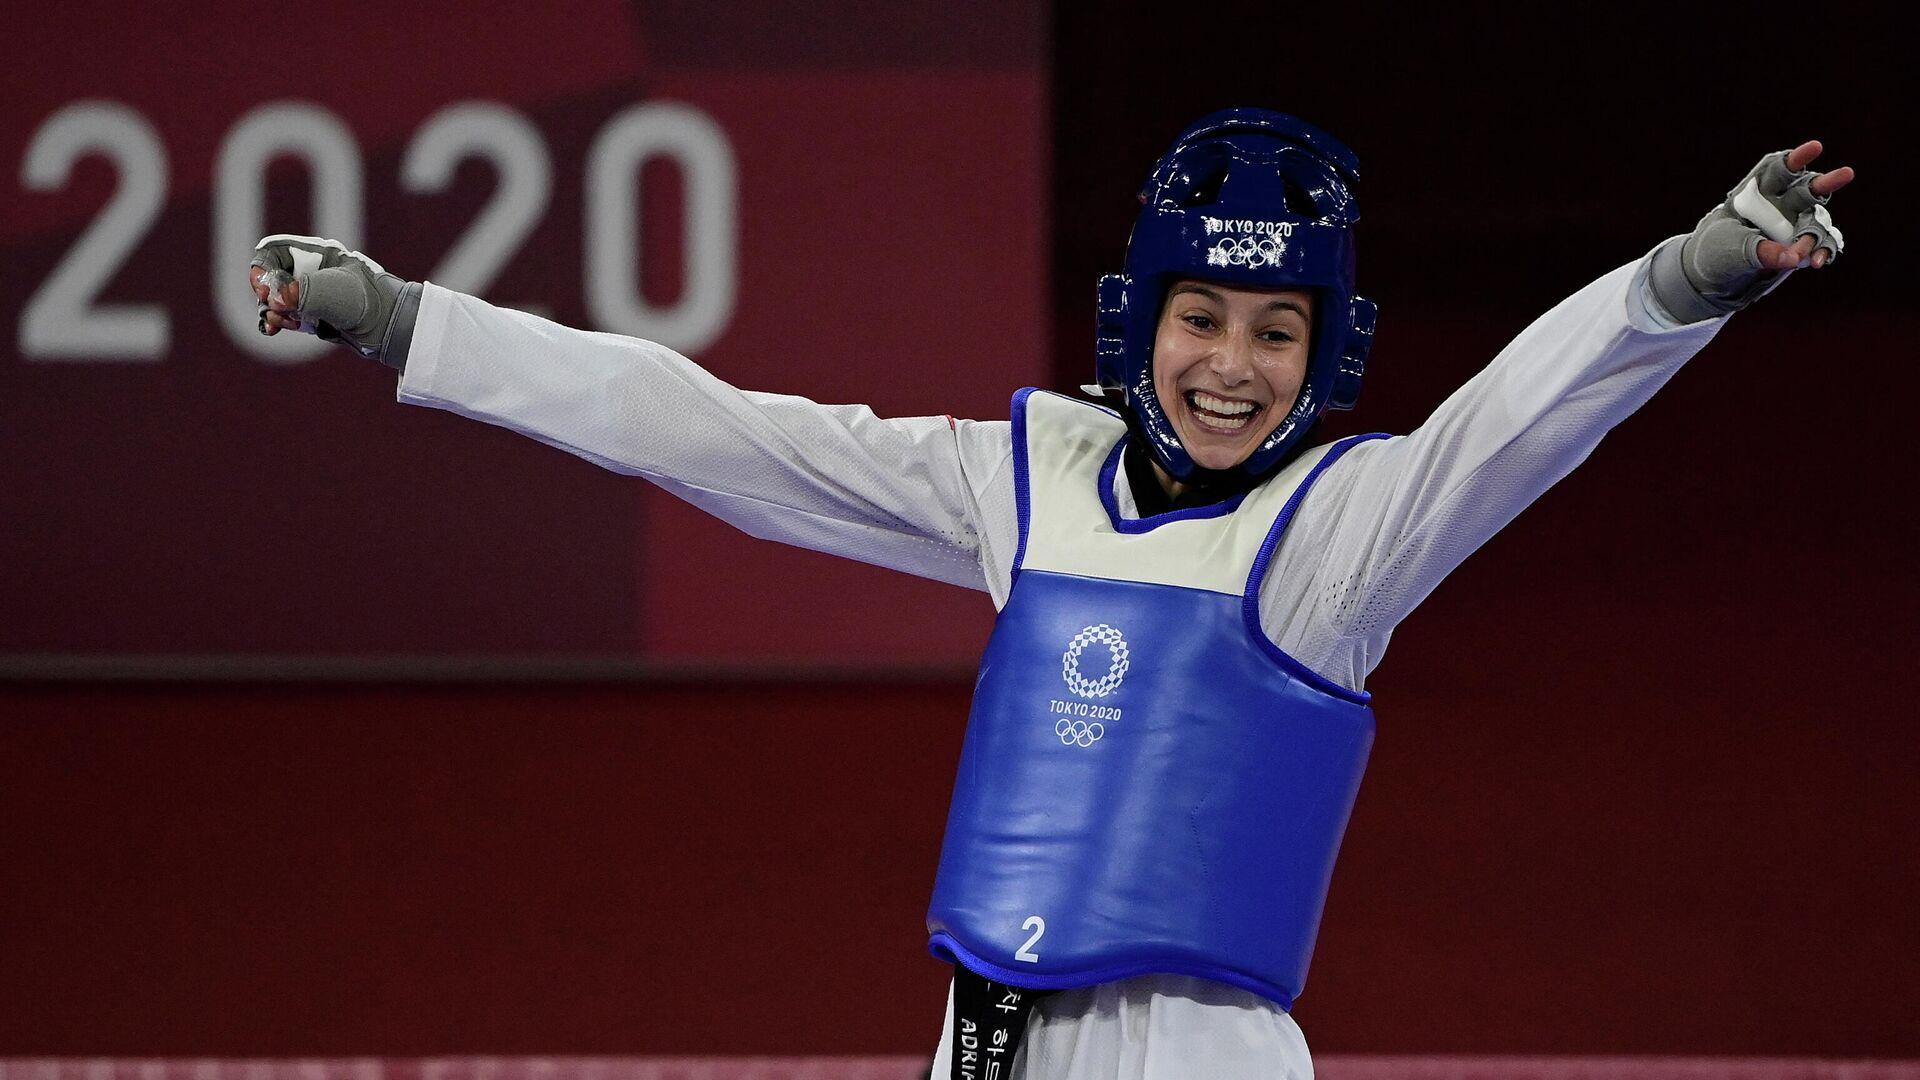 Adriana Cerezo, tras ganar el combate semifinal en la categoría de 49 kg en Tokio 2020 - Sputnik Mundo, 1920, 11.08.2021